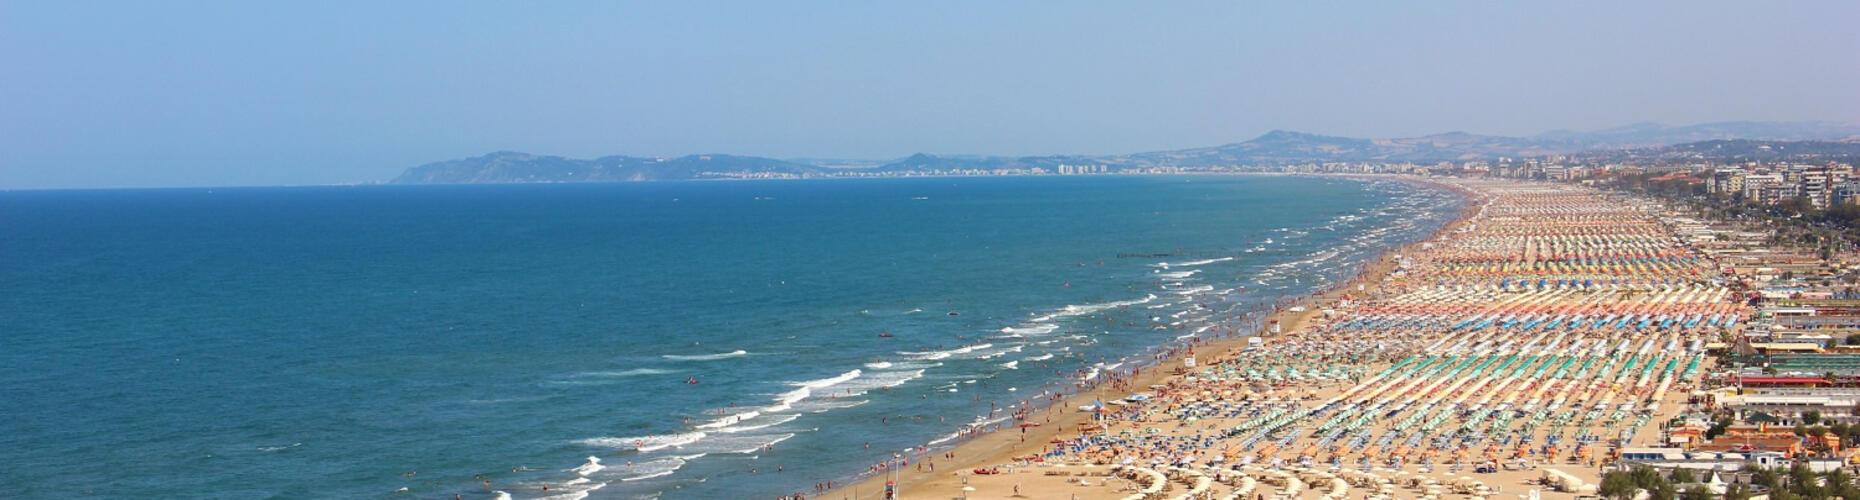 Prenota prima la tua vacanza a Rimini: ti conviene!